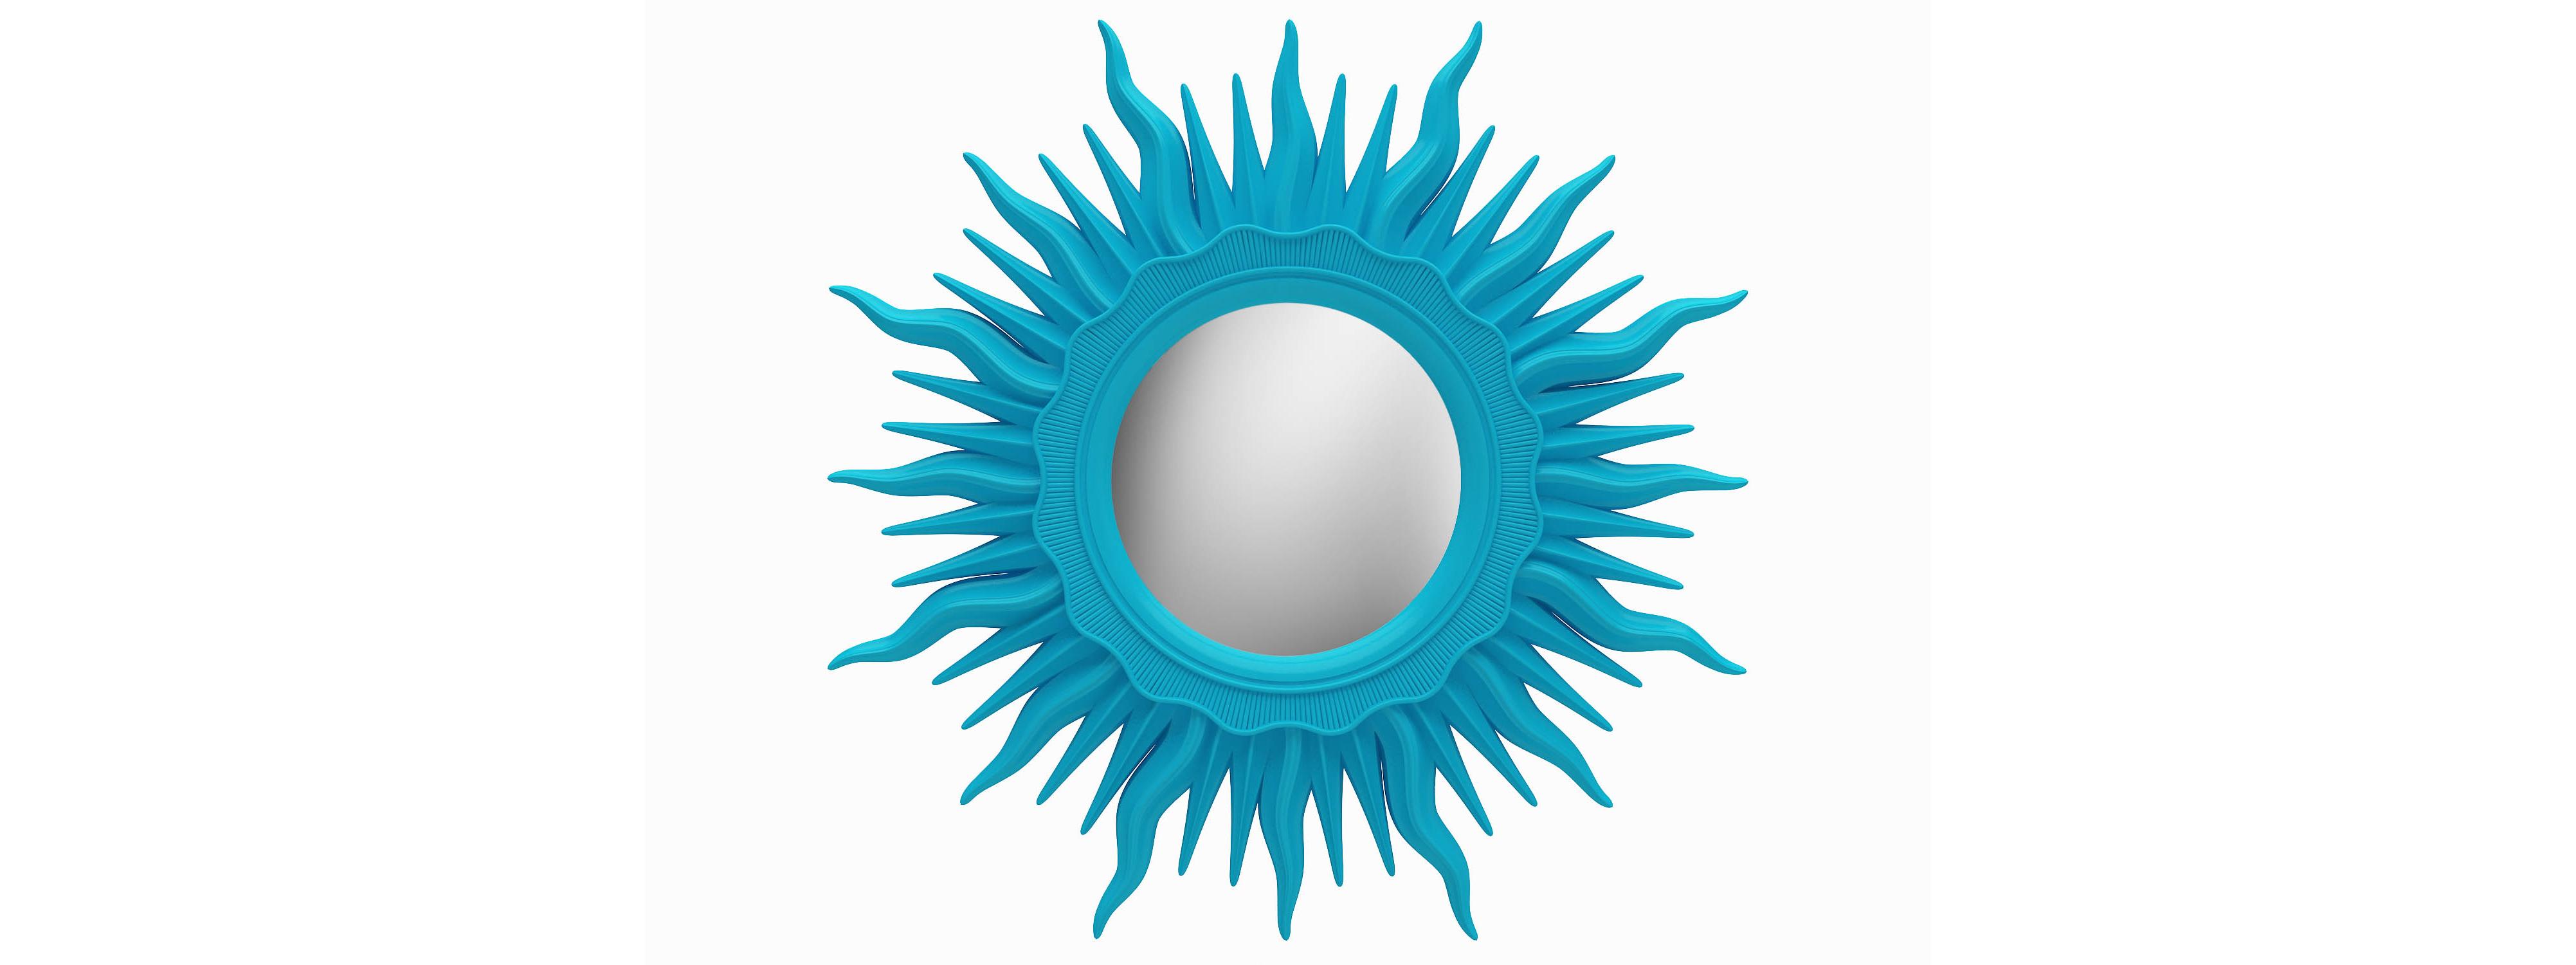 Зеркало АСТРОНастенные зеркала<br>&amp;lt;div&amp;gt;Зеркало в виде солнца ? необыкновенная вещица для нестандартного интерьера. Лучи этого светила изготовлены из композитного полиуретана и окрашены в насыщенный бирюзовый оттенок. Солнце цвета неба? Почему бы и нет?! Материал очень крепок, не нужно бояться, что лучи сломаются. Он влагостойкий, поэтому зеркало можно использовать в ванной комнате. В составе ППУ отсутствуют токсичные компоненты, он полностью безопасен для человека.&amp;lt;/div&amp;gt;&amp;lt;div&amp;gt;&amp;lt;br&amp;gt;&amp;lt;/div&amp;gt;&amp;lt;div&amp;gt;&amp;lt;div&amp;gt;Цвет:&amp;amp;nbsp;Бирюза&amp;lt;/div&amp;gt;&amp;lt;/div&amp;gt;<br><br>Material: Полиуретан<br>Глубина см: 4